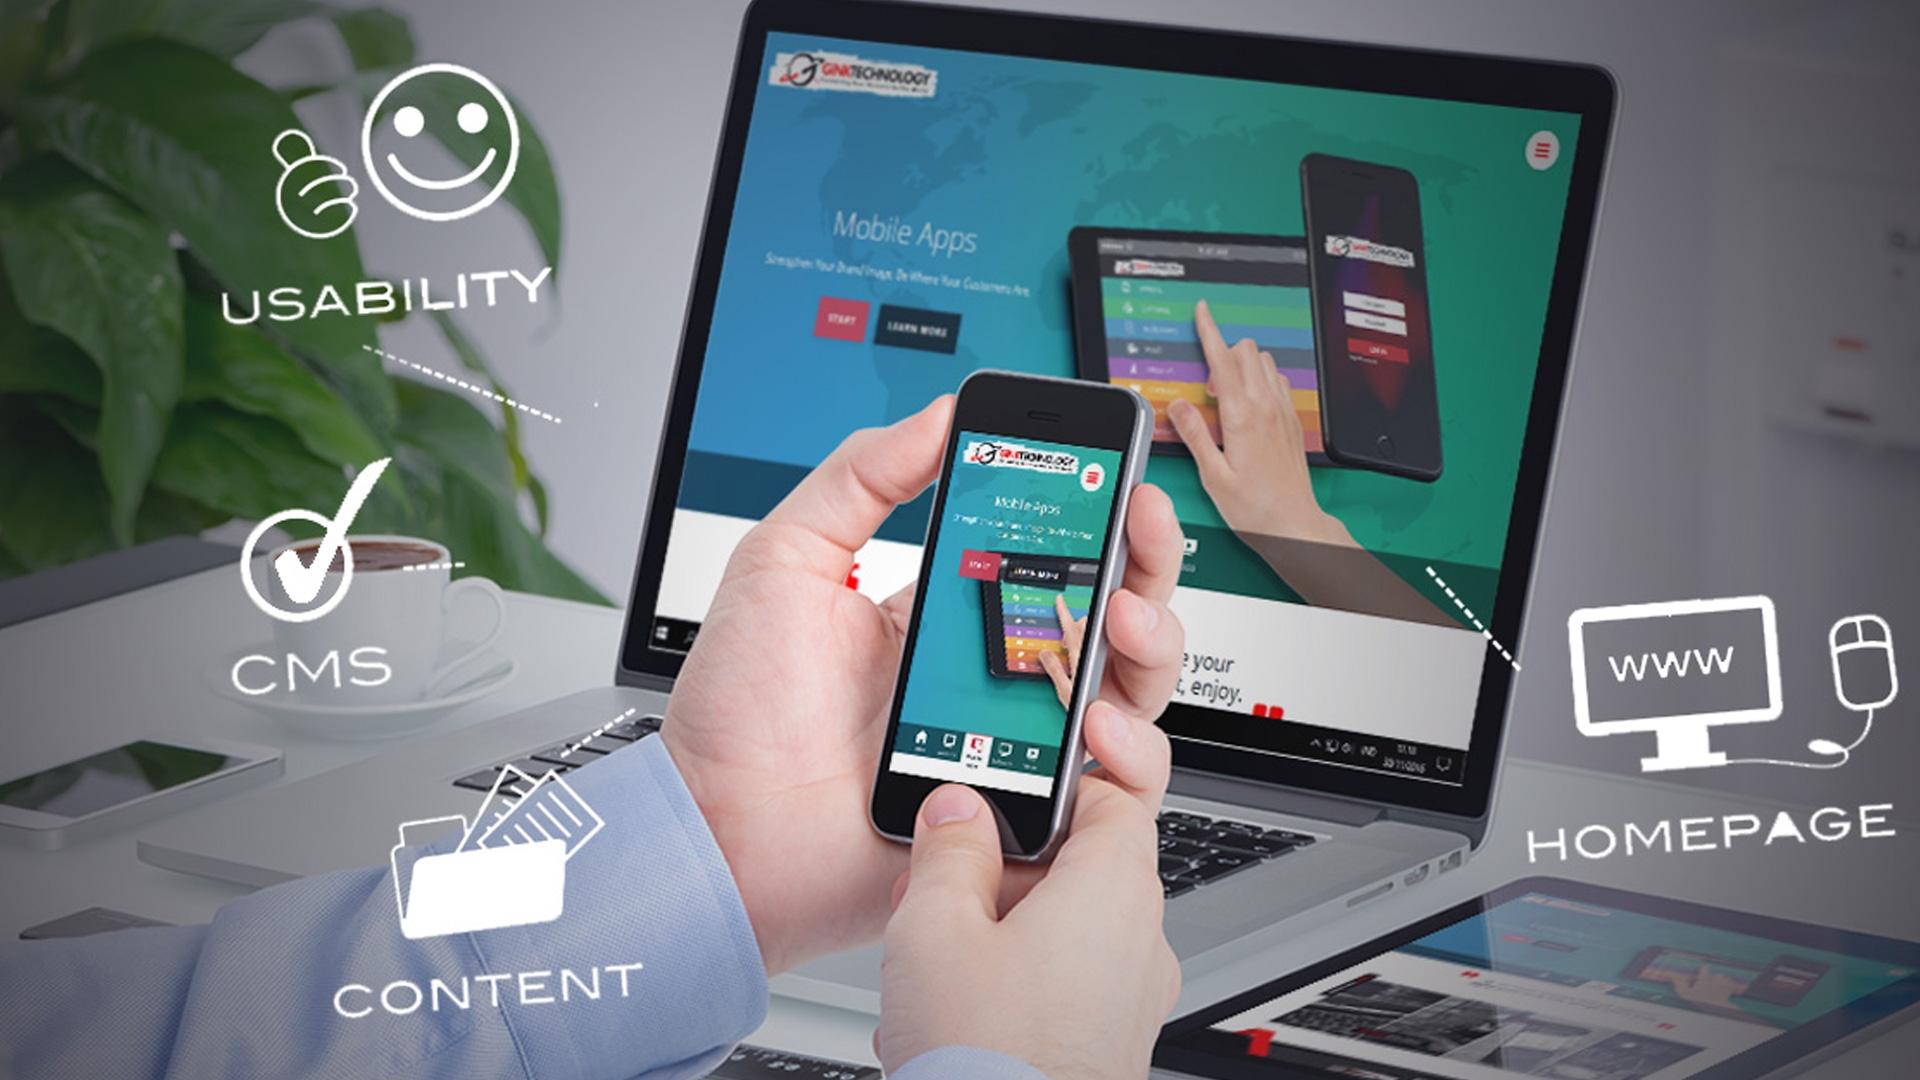 Jasa Pembuatan Website Palembang – Sumatera Selatan Terbaik